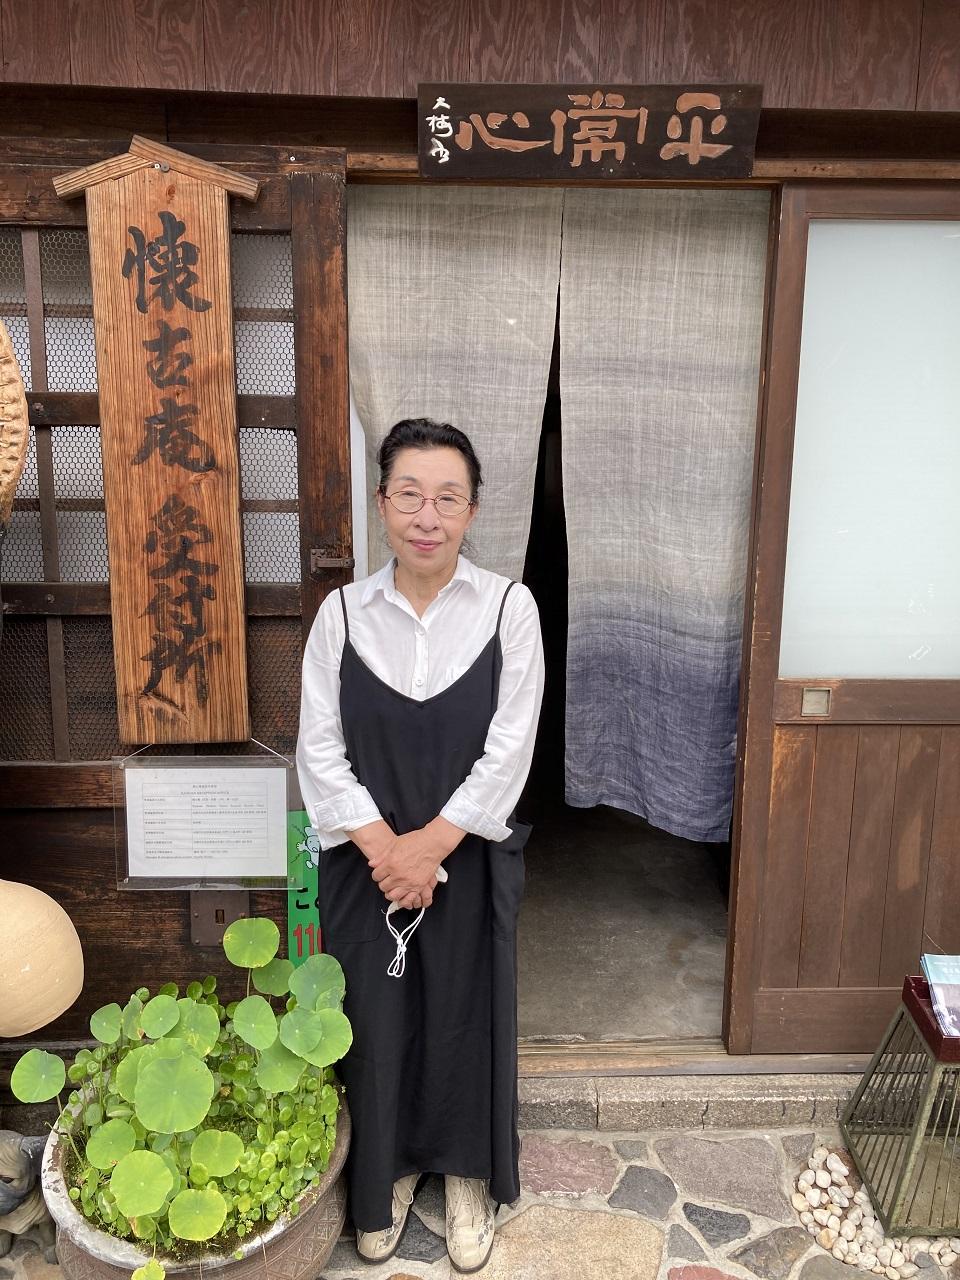 温かく出迎えてくれた懐古庵店主の鷲尾澄子さん。肌が白くすべすべしていたのが印象的だった。